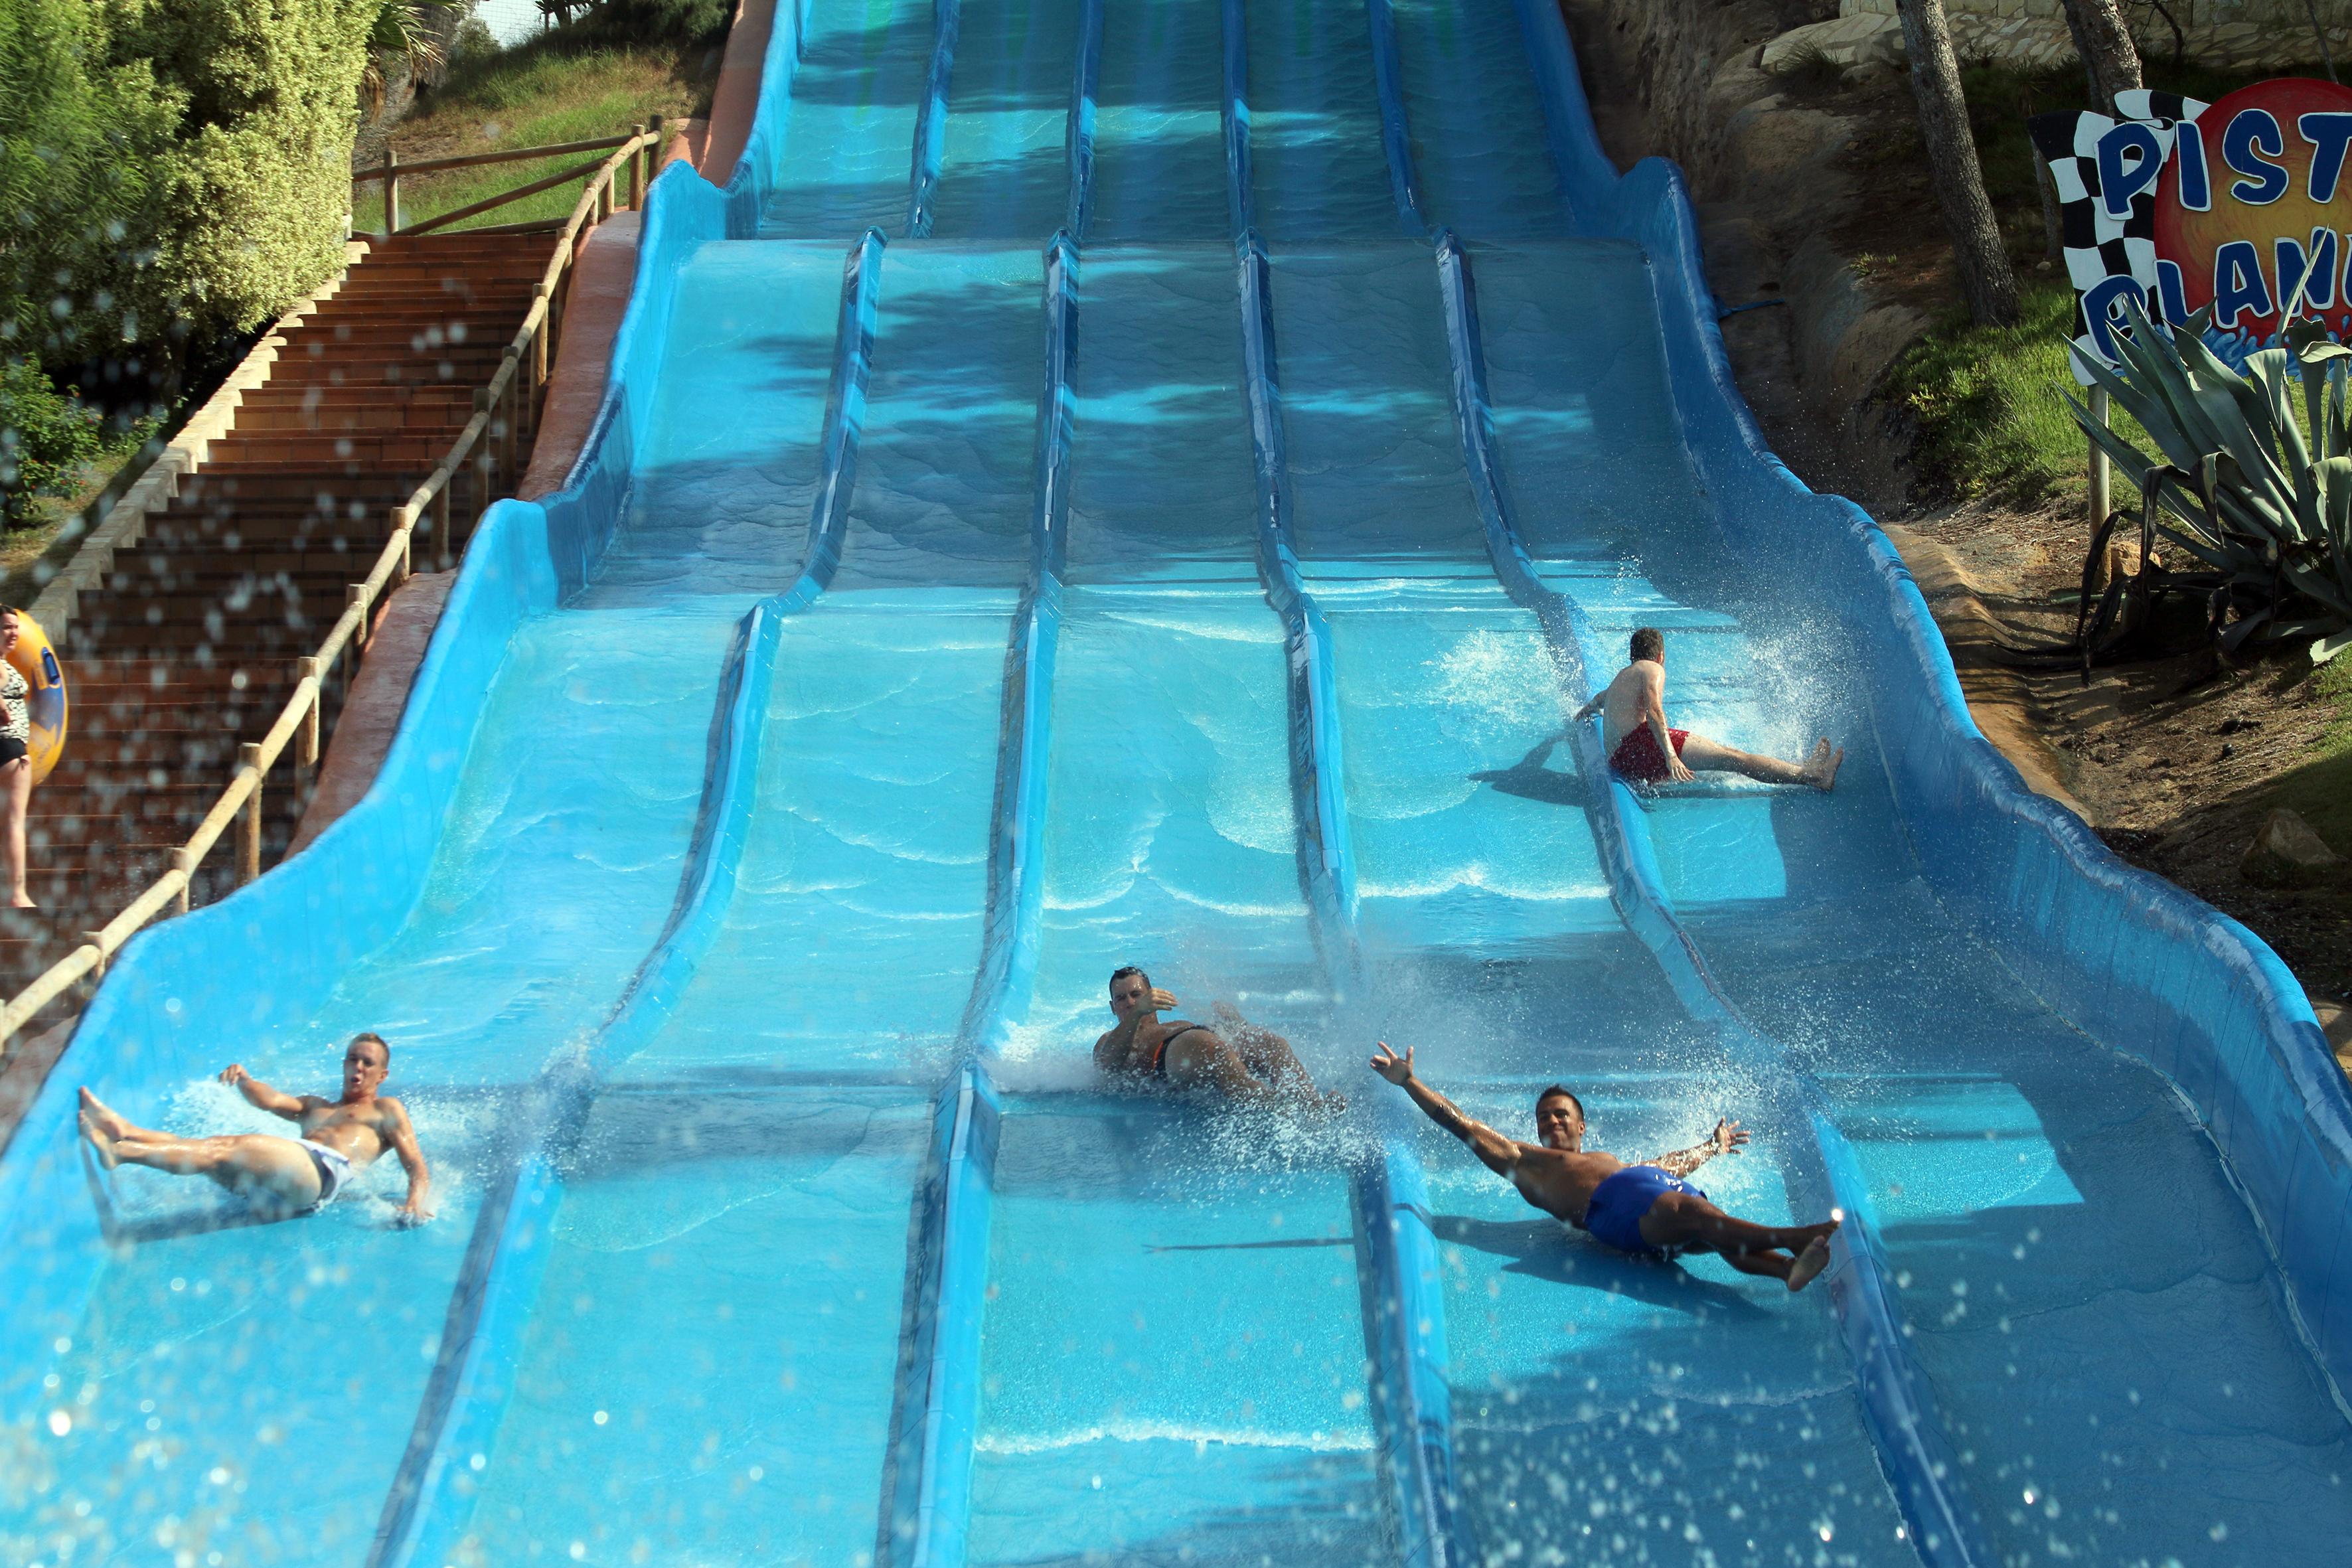 Atracciones para disfrutar en equipo: el splash y las pistas blandas